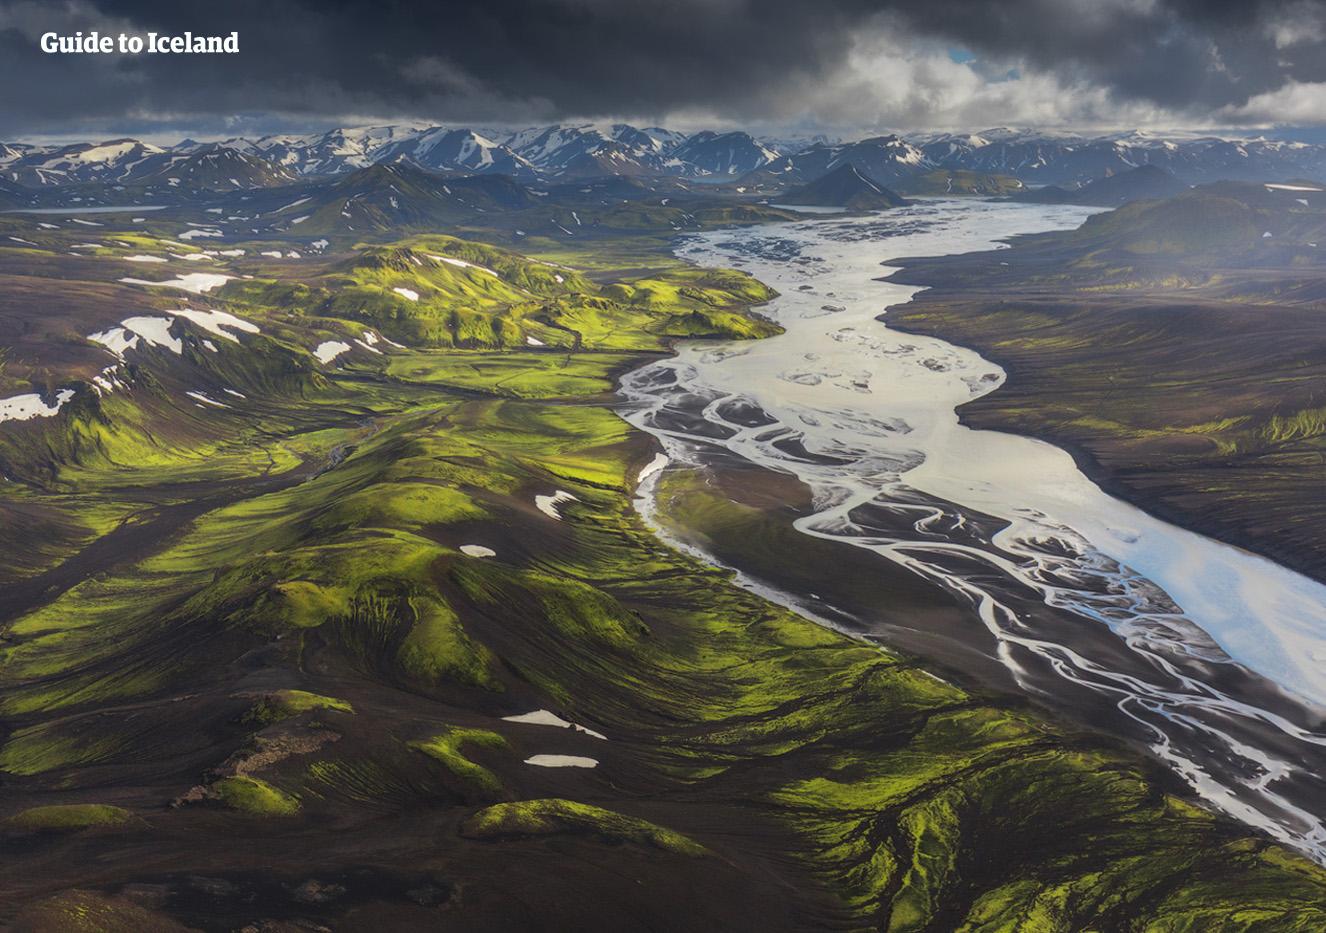 Eine Luftperspektive über die farbenfrohen Hänge des zentralen Hochlandes.